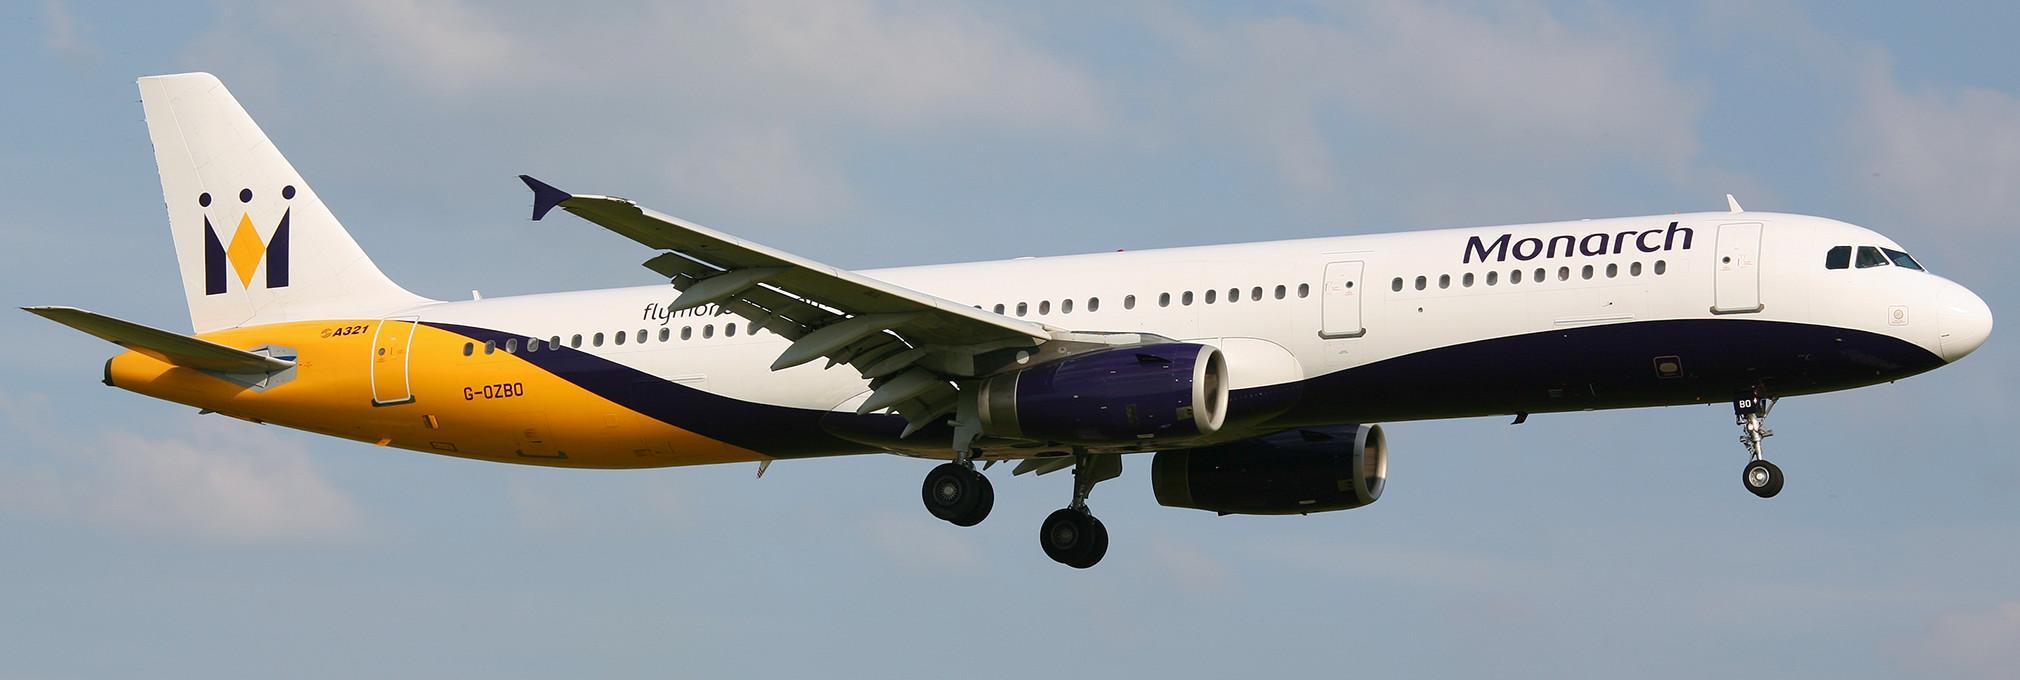 Resultado de imagen para Monarch Airlines